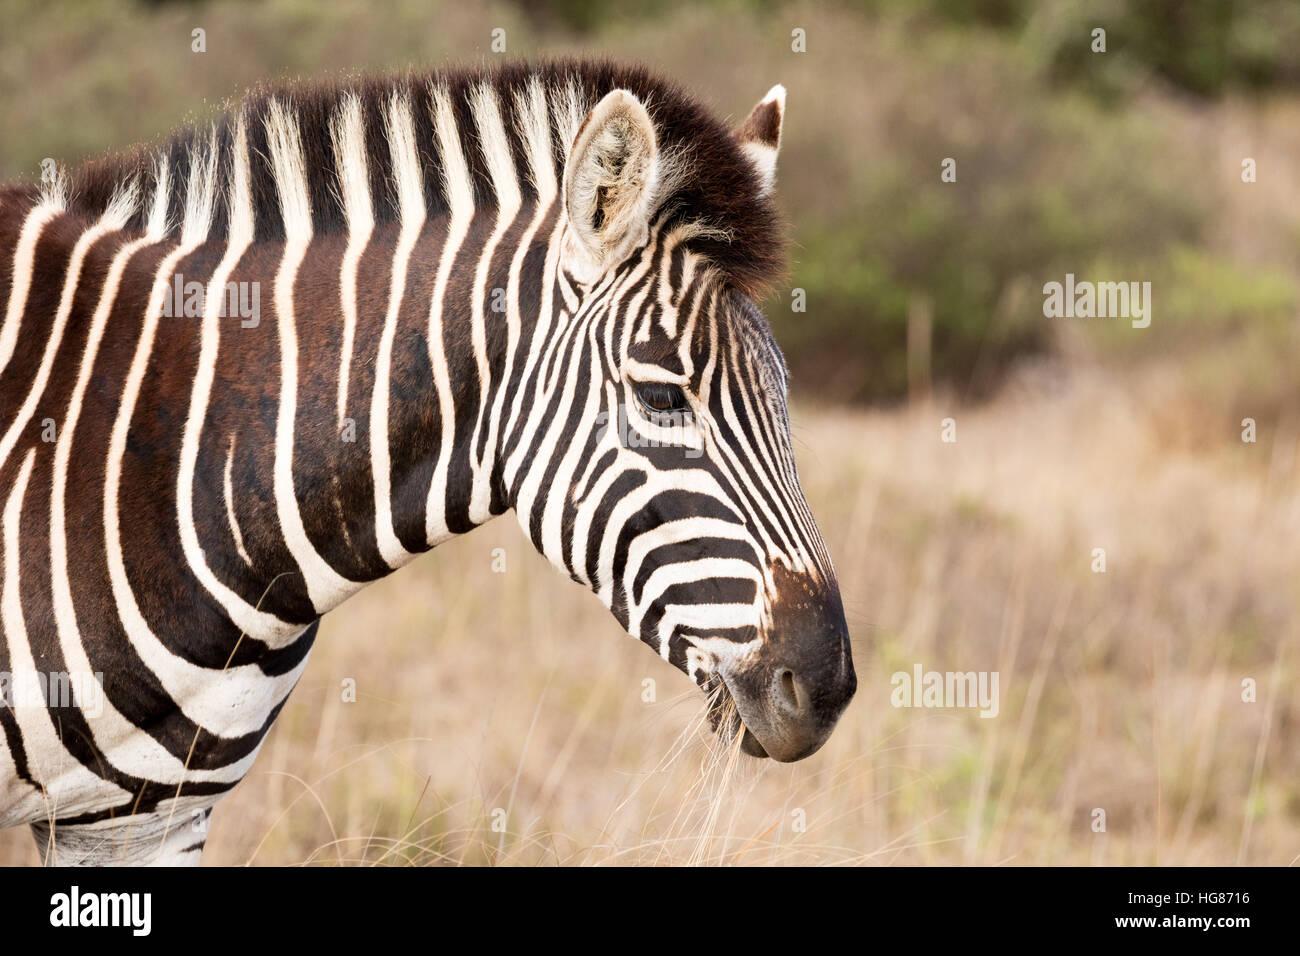 Chef d'un zèbre Des Plaines (Equus quagga), Afrique du Sud Photo Stock